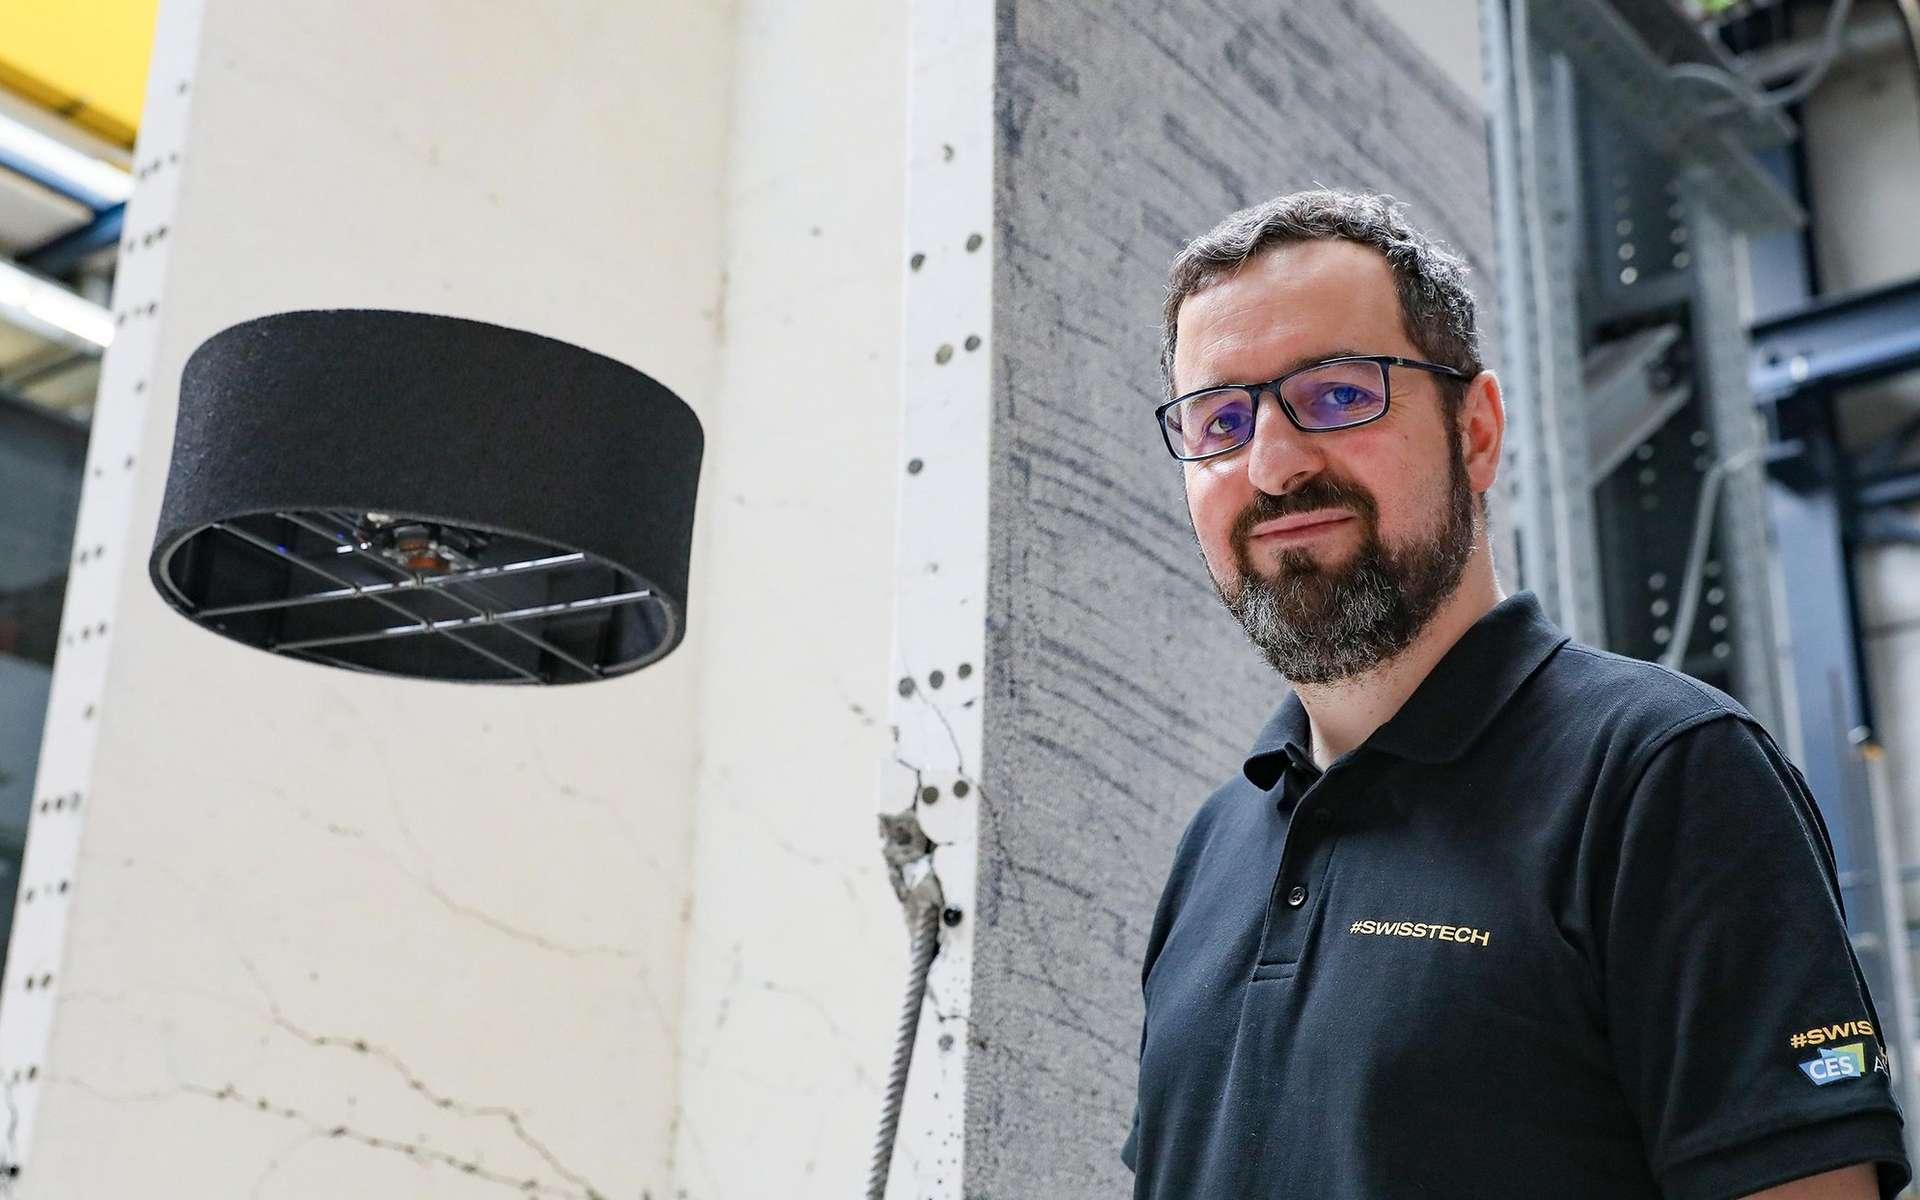 Le drone de Flybotic est allégé de deux moteurs et son système d'hélices contrarotatif permet d'économiser de l'énergie. Il multiplie par deux l'autonomie. © Flybotic